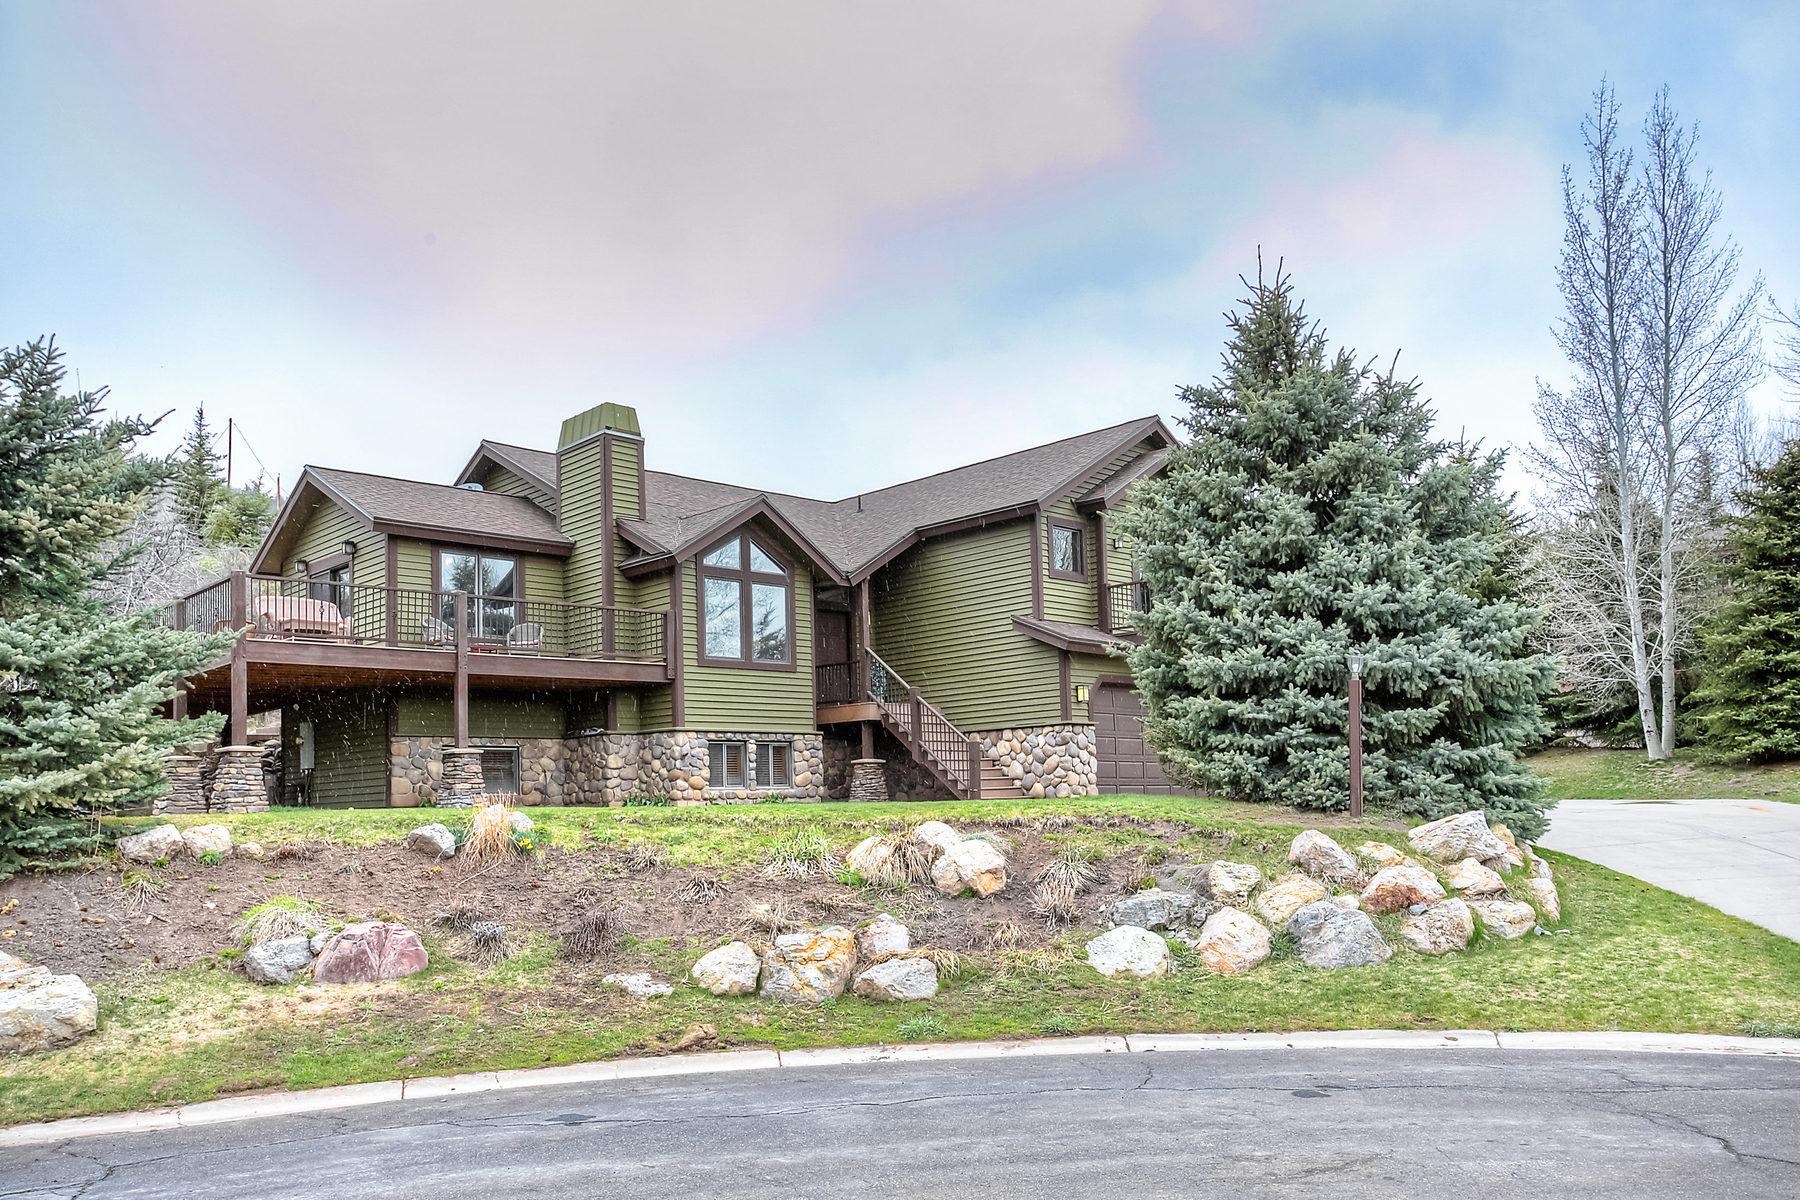 Maison unifamiliale pour l Vente à Coveted Cul De Sac Location with upgrades 8683 Saddleback Cir Park City, Utah 84098 États-Unis